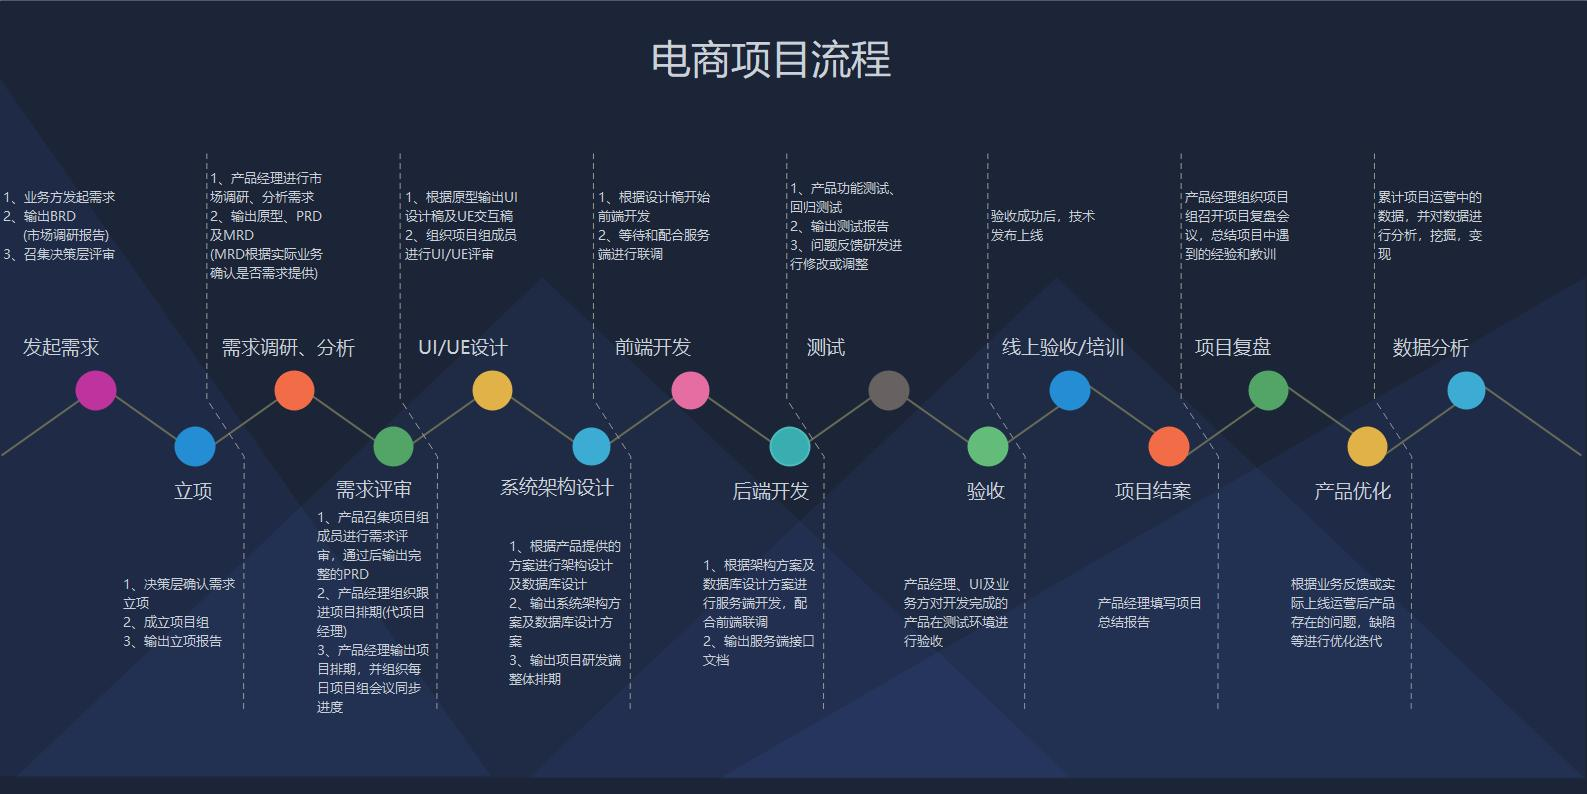 自营式电商-商业模式和项目流程